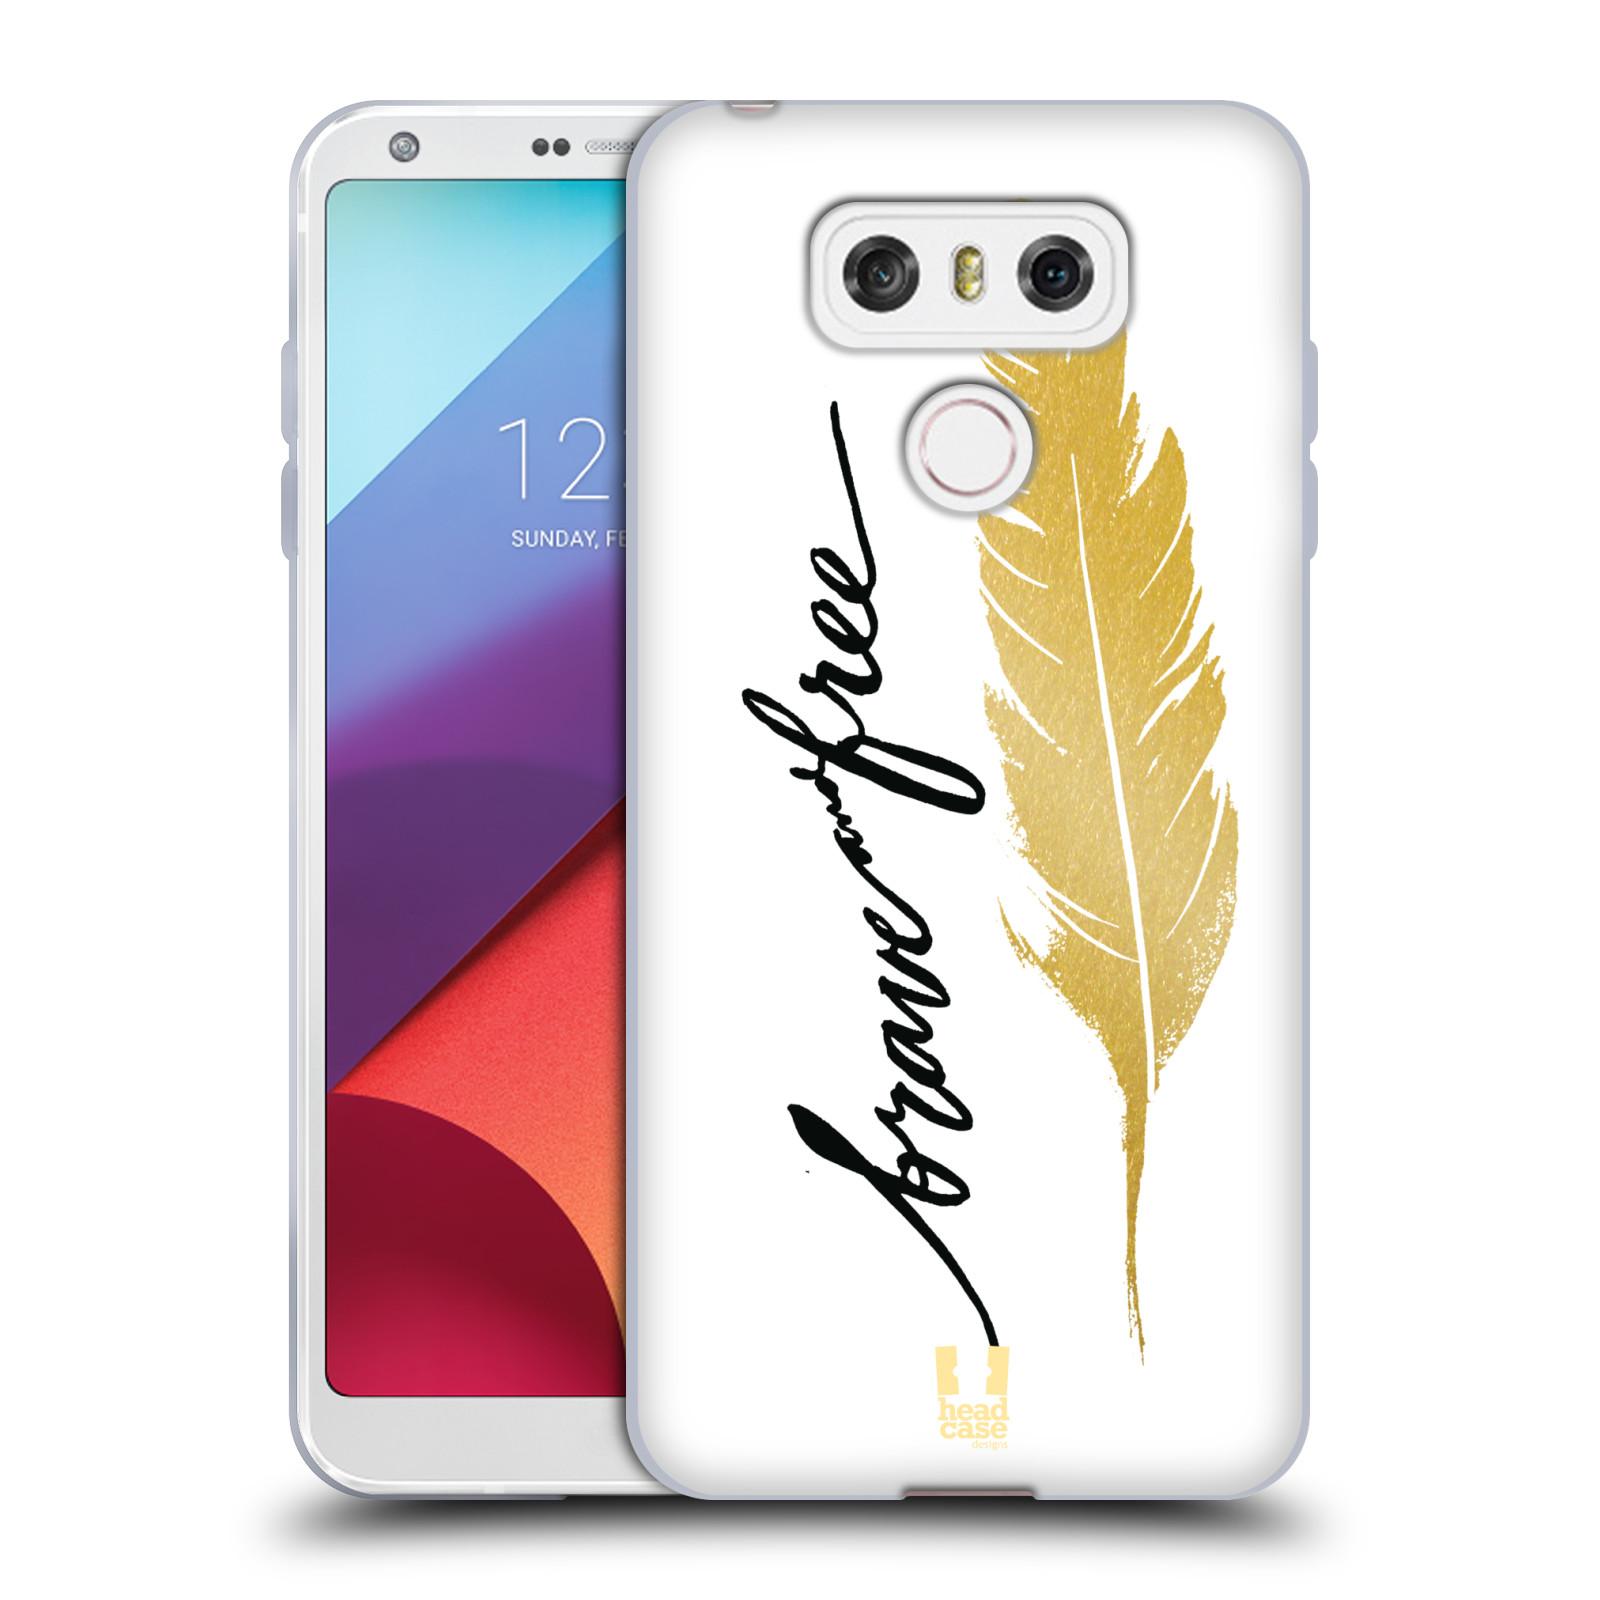 Silikonové pouzdro na mobil LG G6 - Head Case PÍRKO ZLATÉ FREE (Silikonový kryt či obal na mobilní telefon LG G6 H870 / LG G6 Dual SIM H870DS)